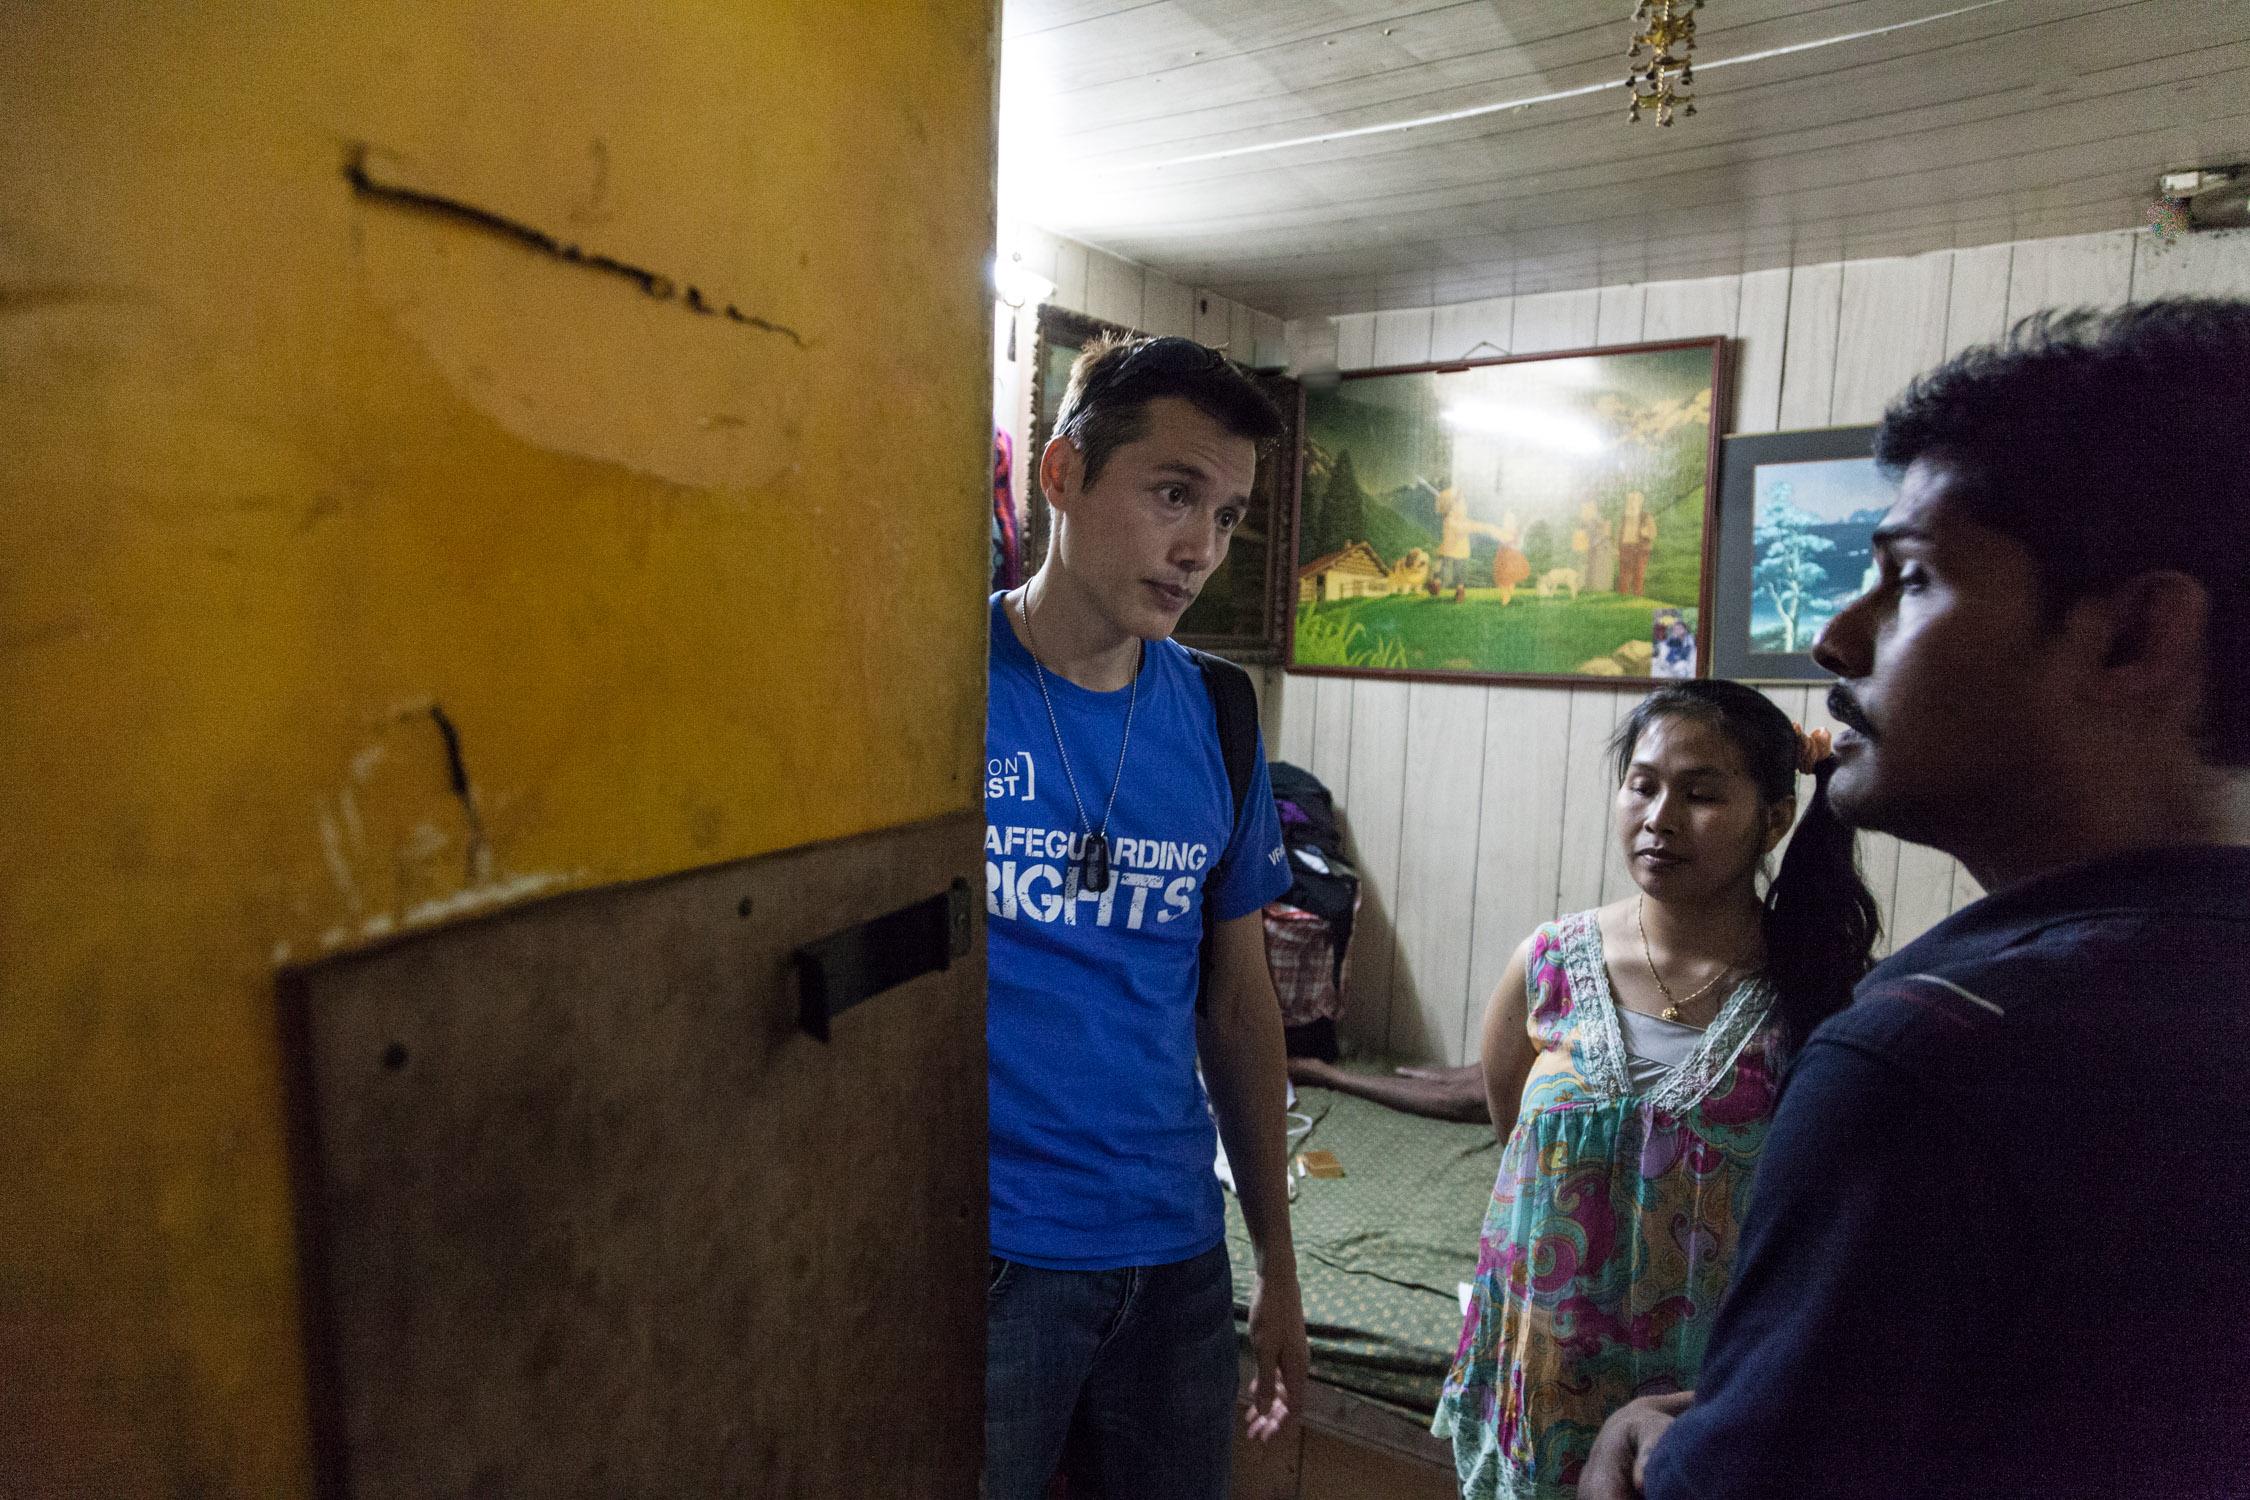 本地有志願組織 First Vision 經常探訪關懷難民及提供支援